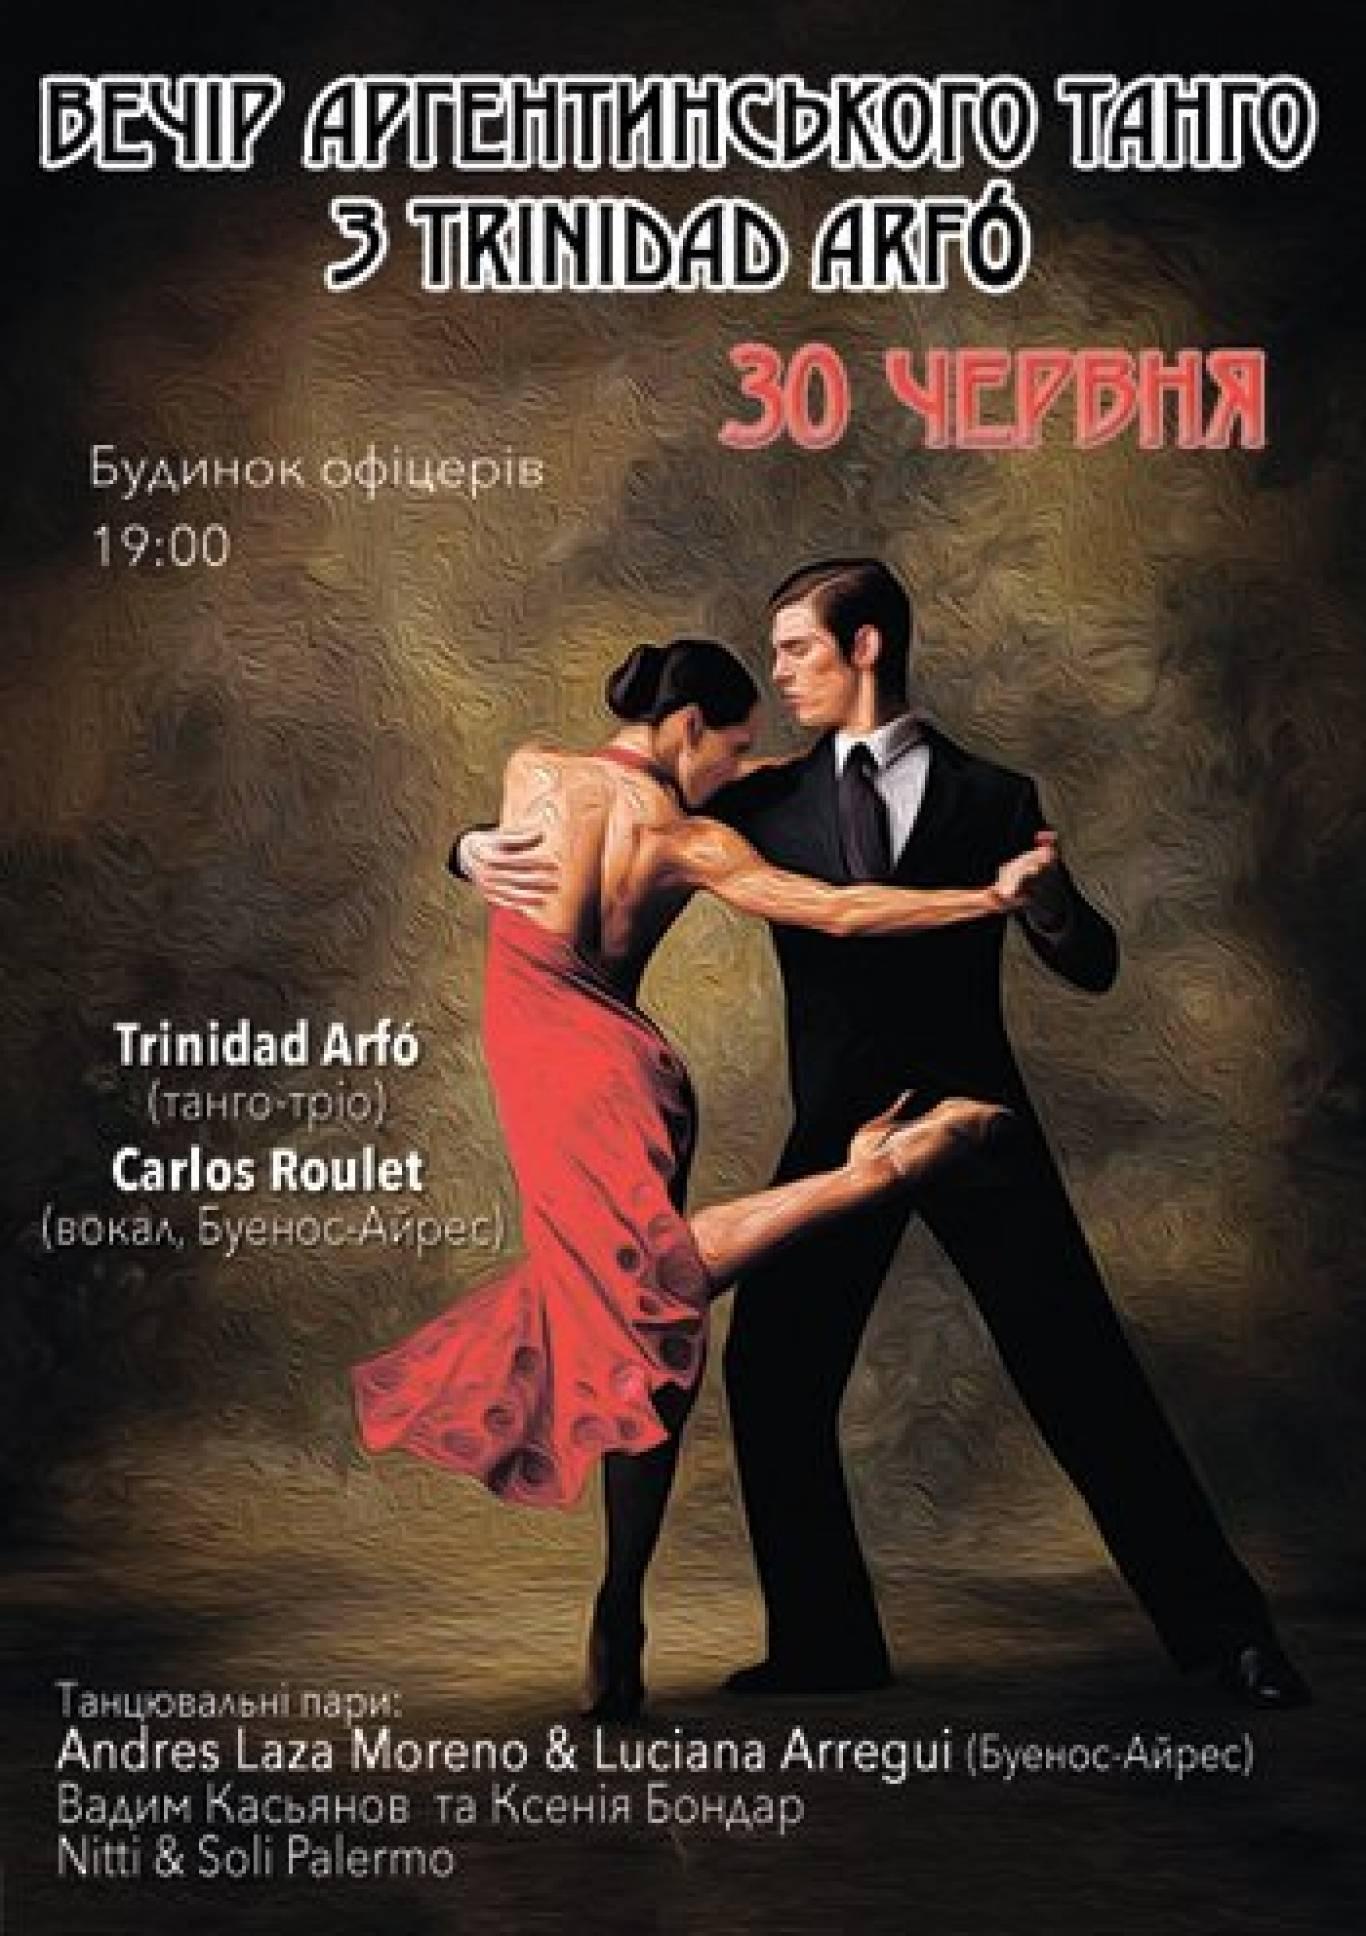 Вечір аргентинського танго у Будинку офіцерів